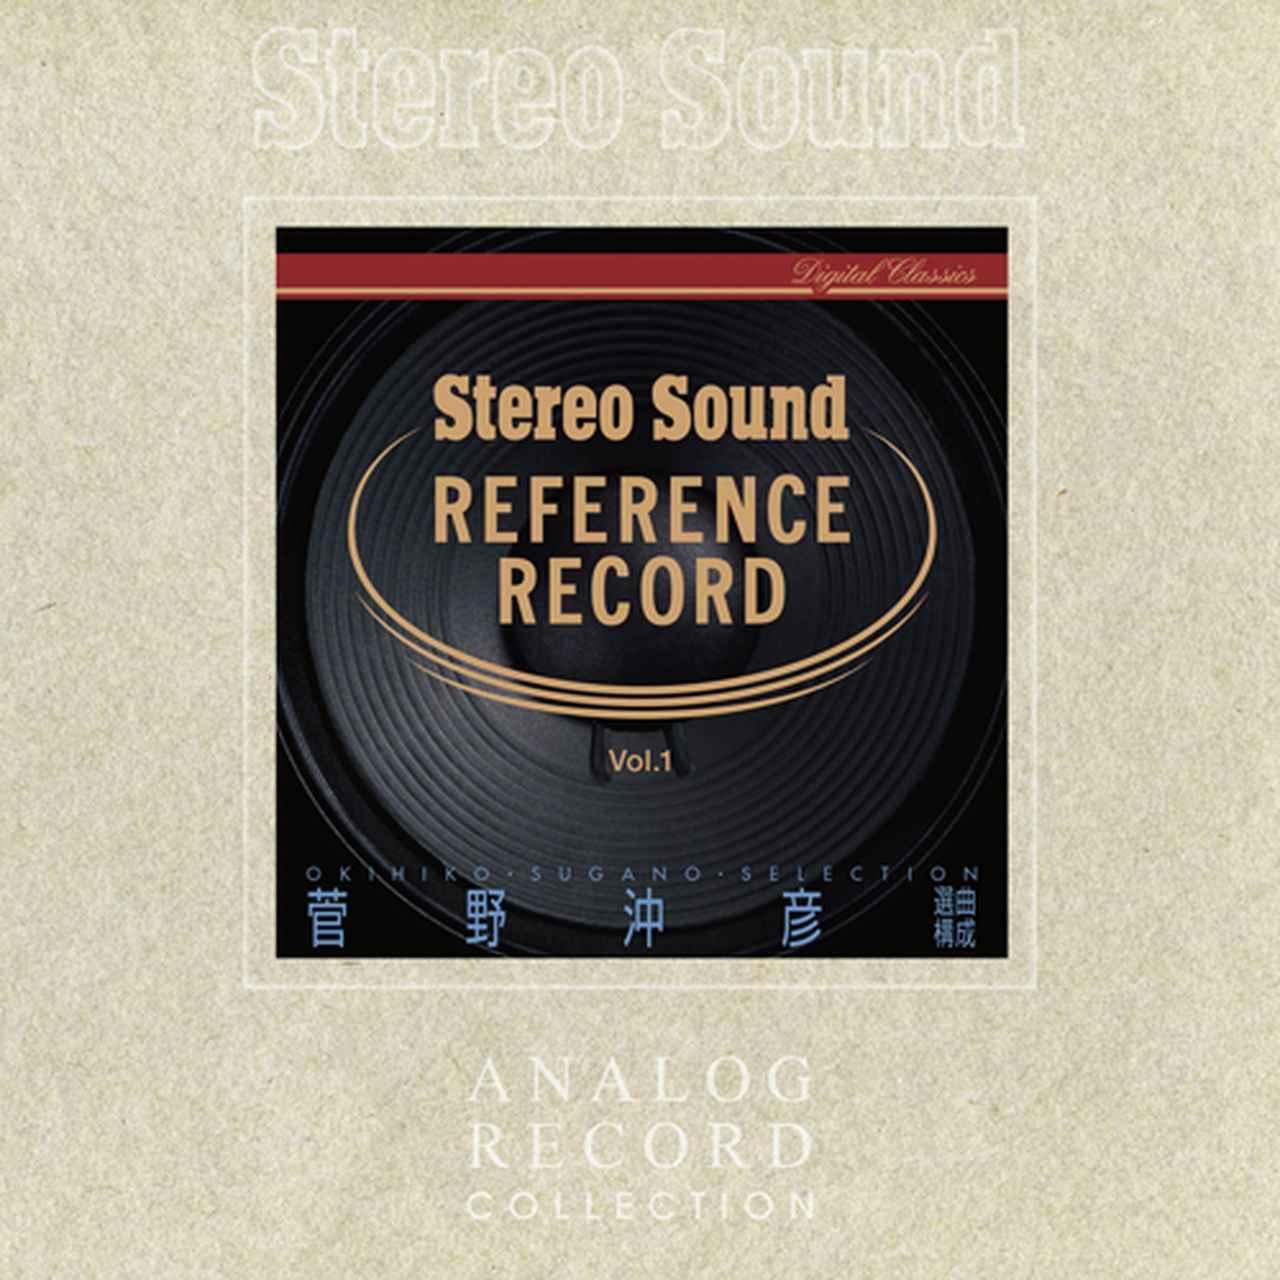 画像: LP ステレオサウンド リファレンス・レコード Vol.1 菅野沖彦 選曲・構成